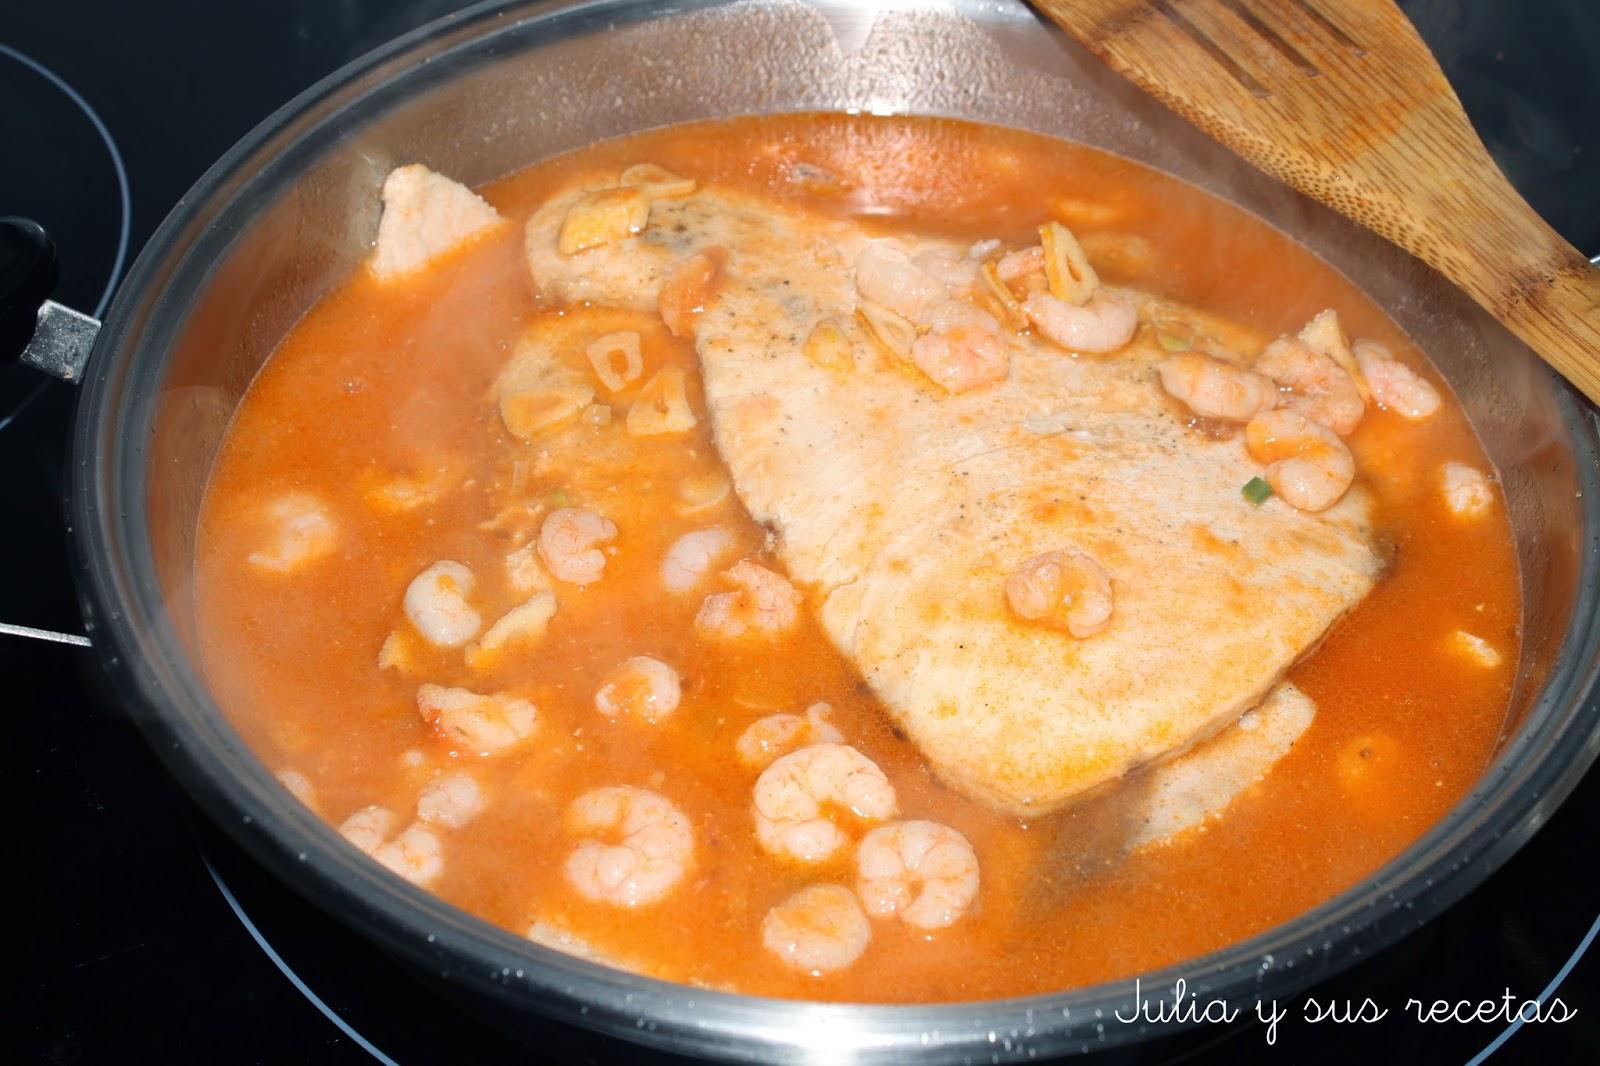 Julia y sus recetas pez espada en salsa de gambas for Pez espada en salsa de almendras